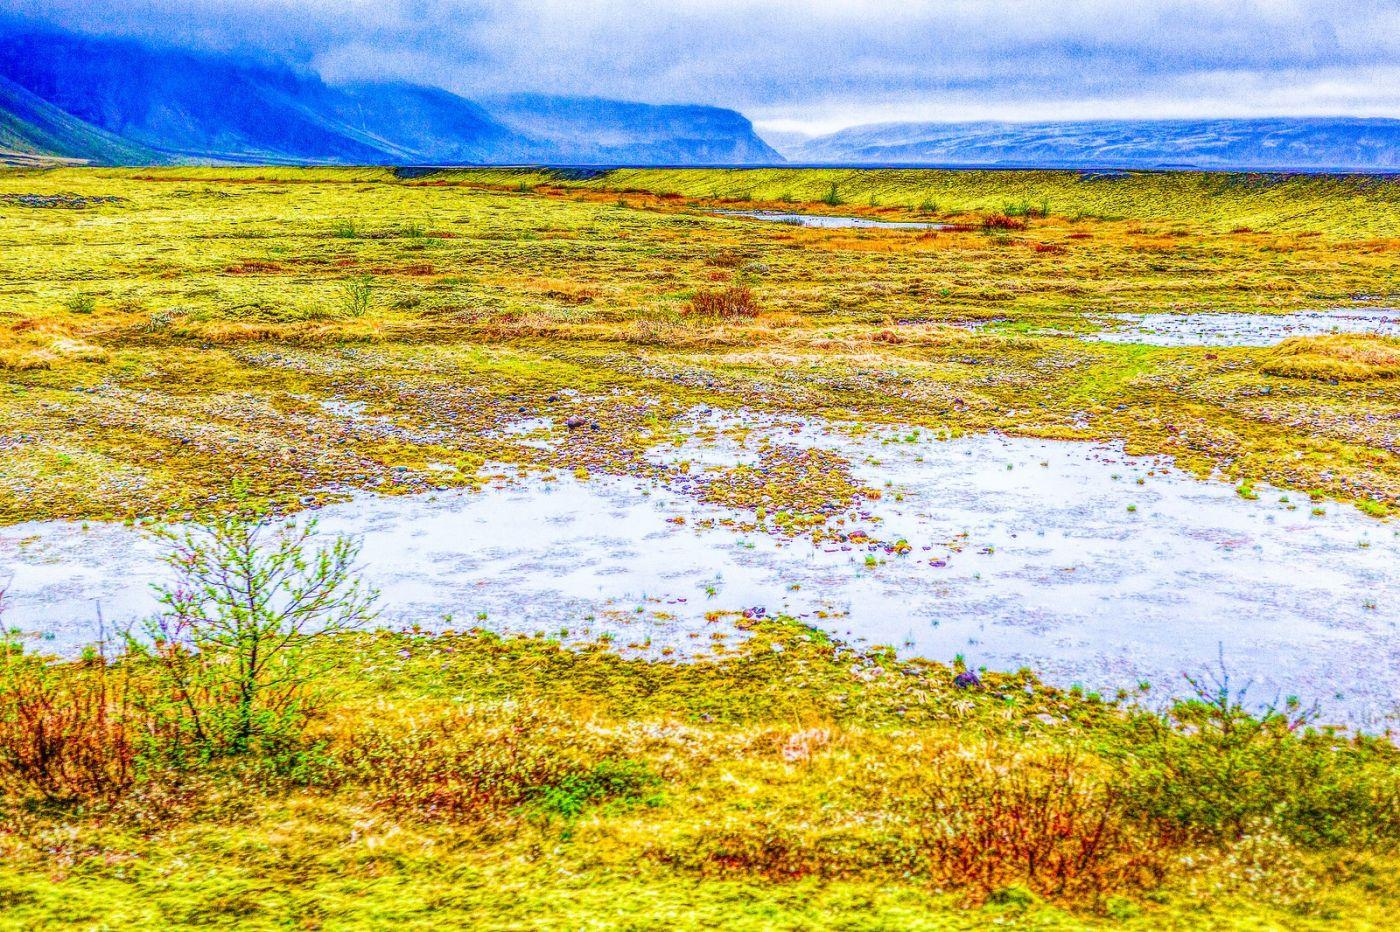 冰岛风采,延伸视野_图1-34